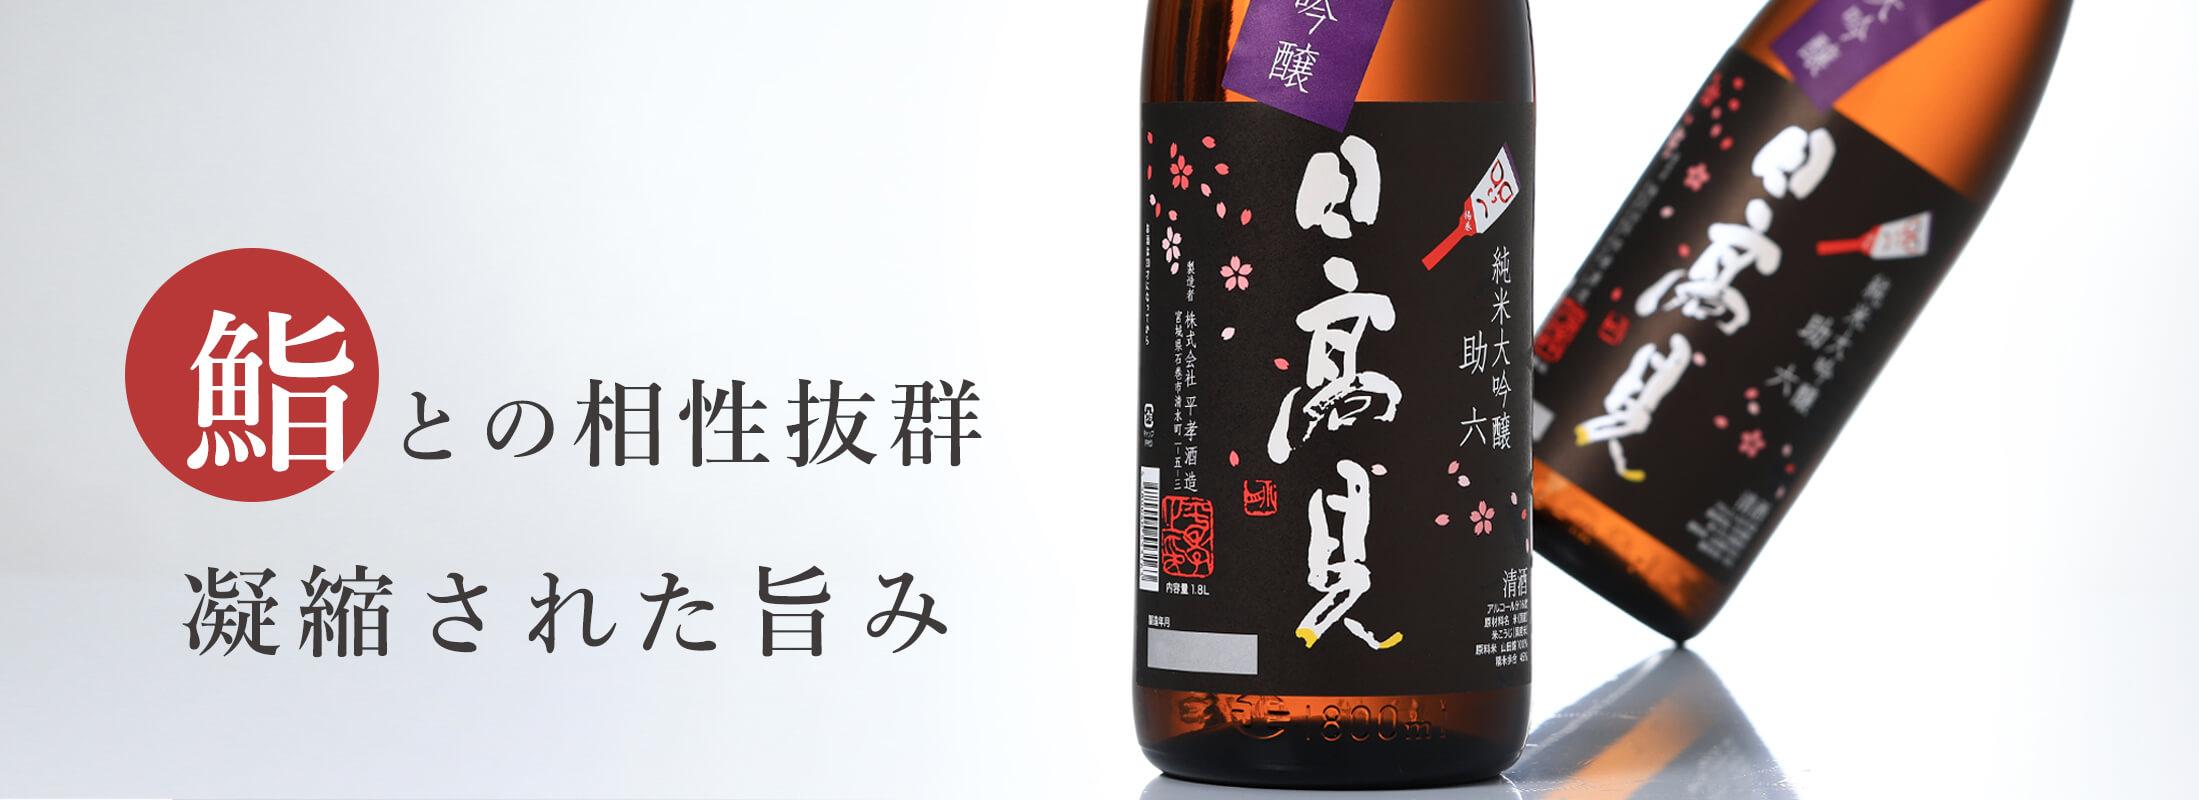 日高見 純米大吟醸 助六江戸桜